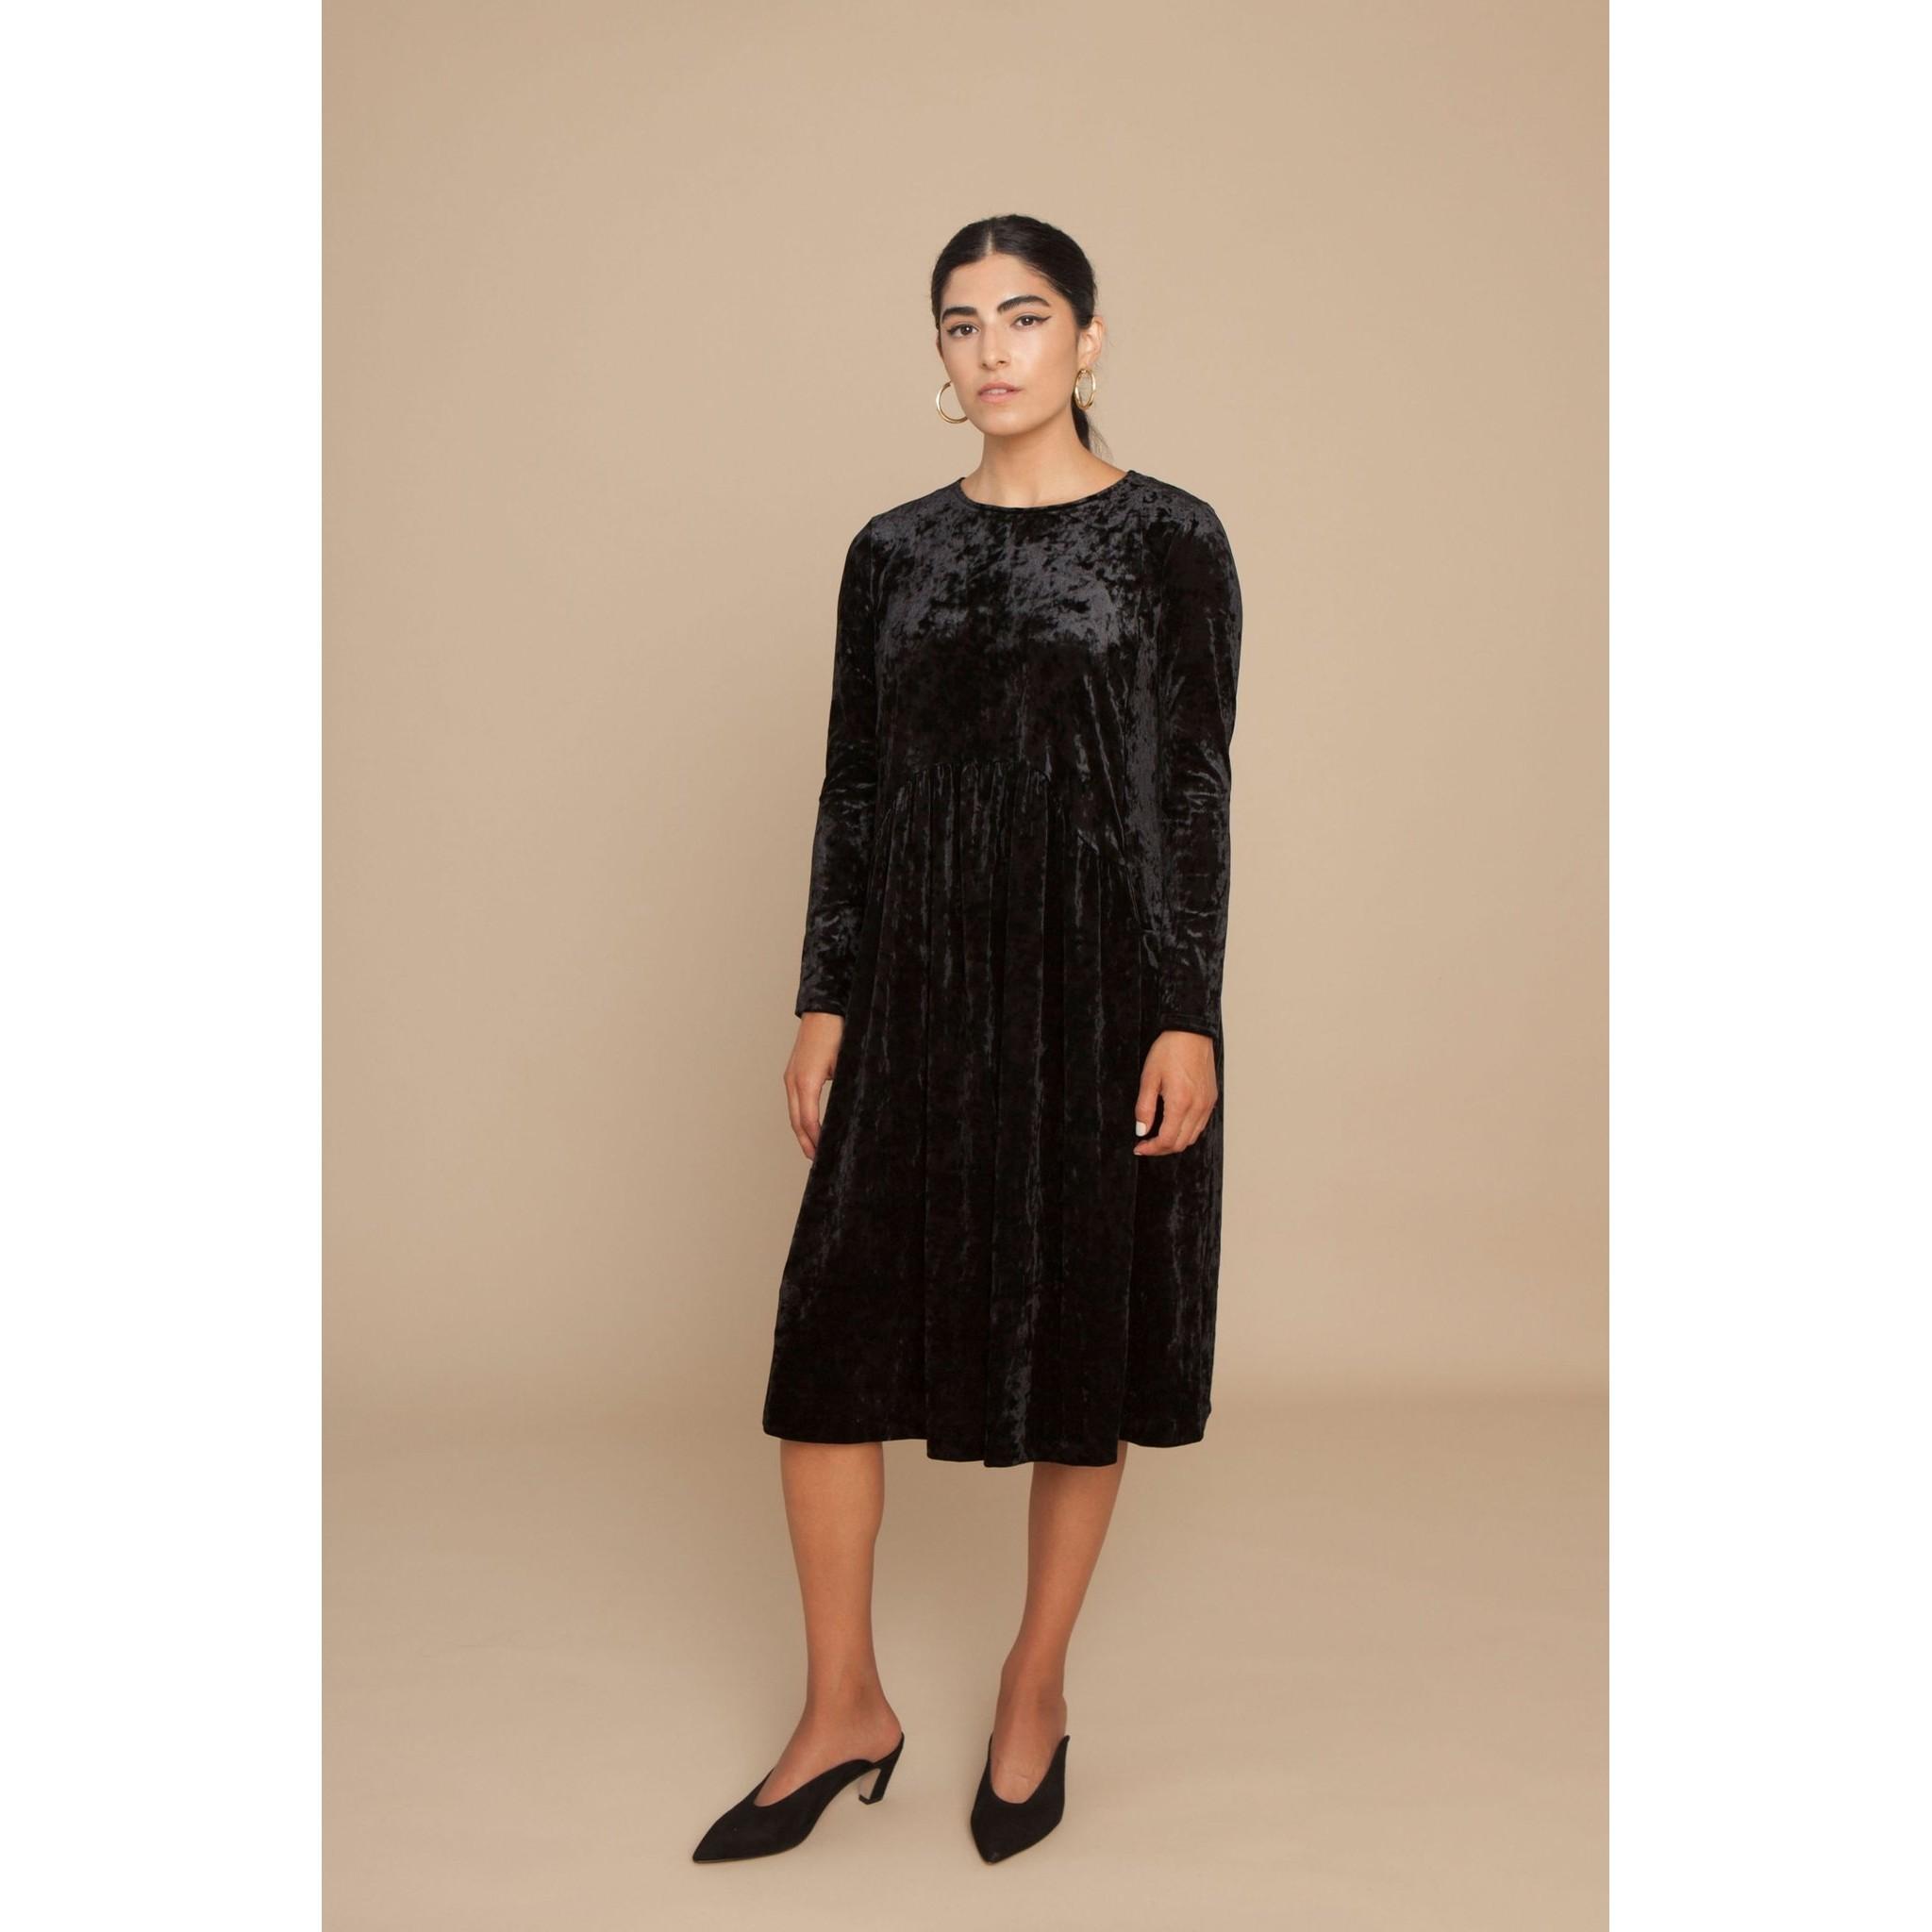 SOLIKA Black Velvet Heidi Dresses at The Stockist